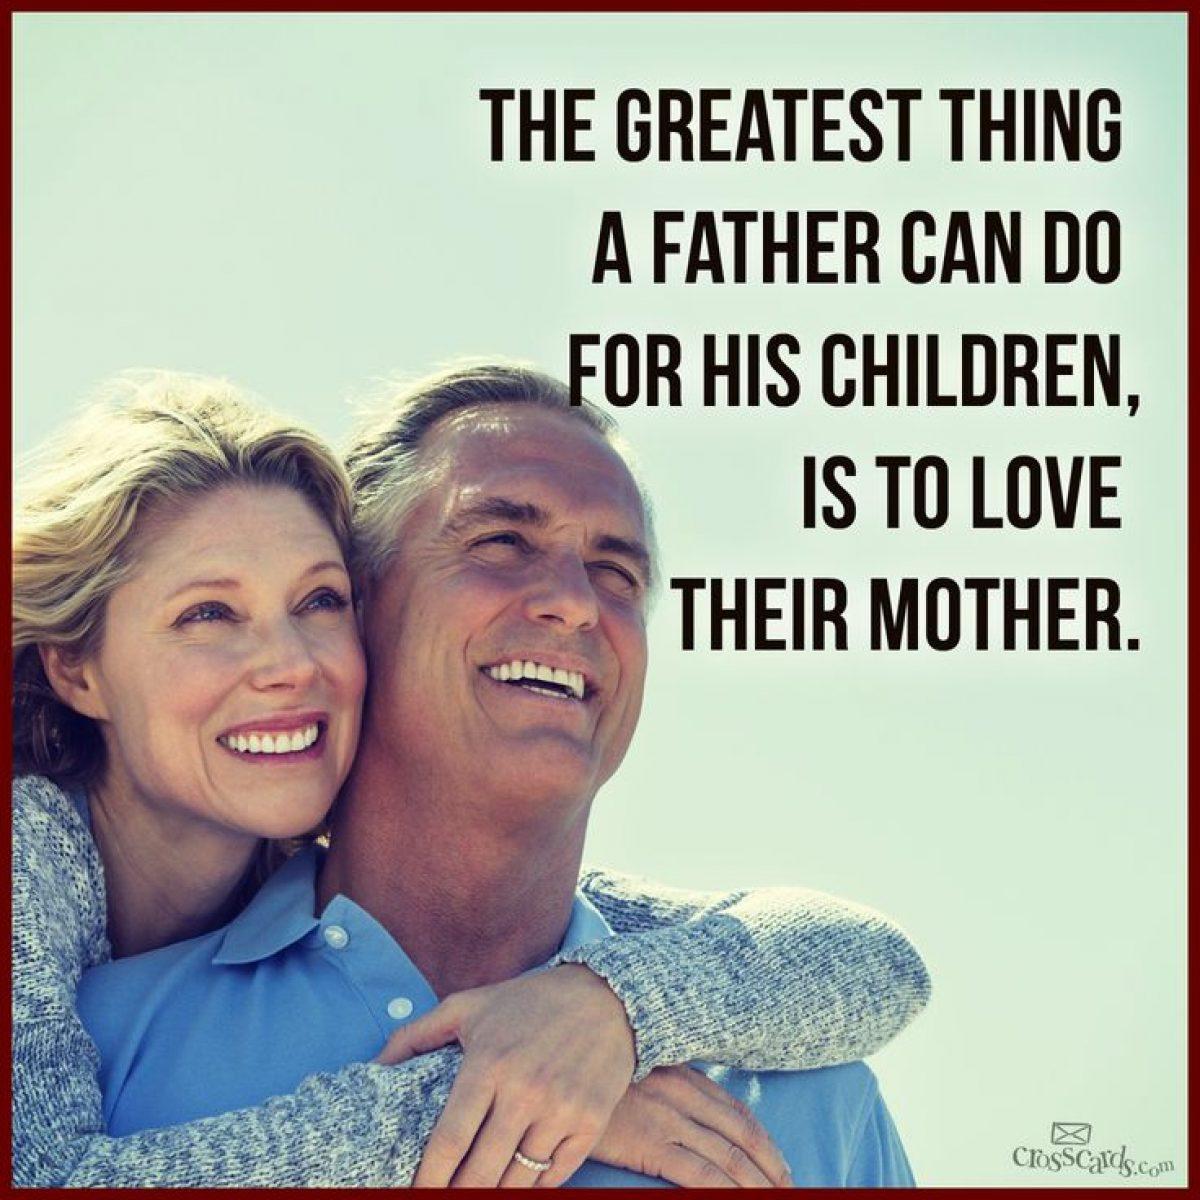 Το πιο σπουδαίο που μπορεί να διδάξουν οι γονείς